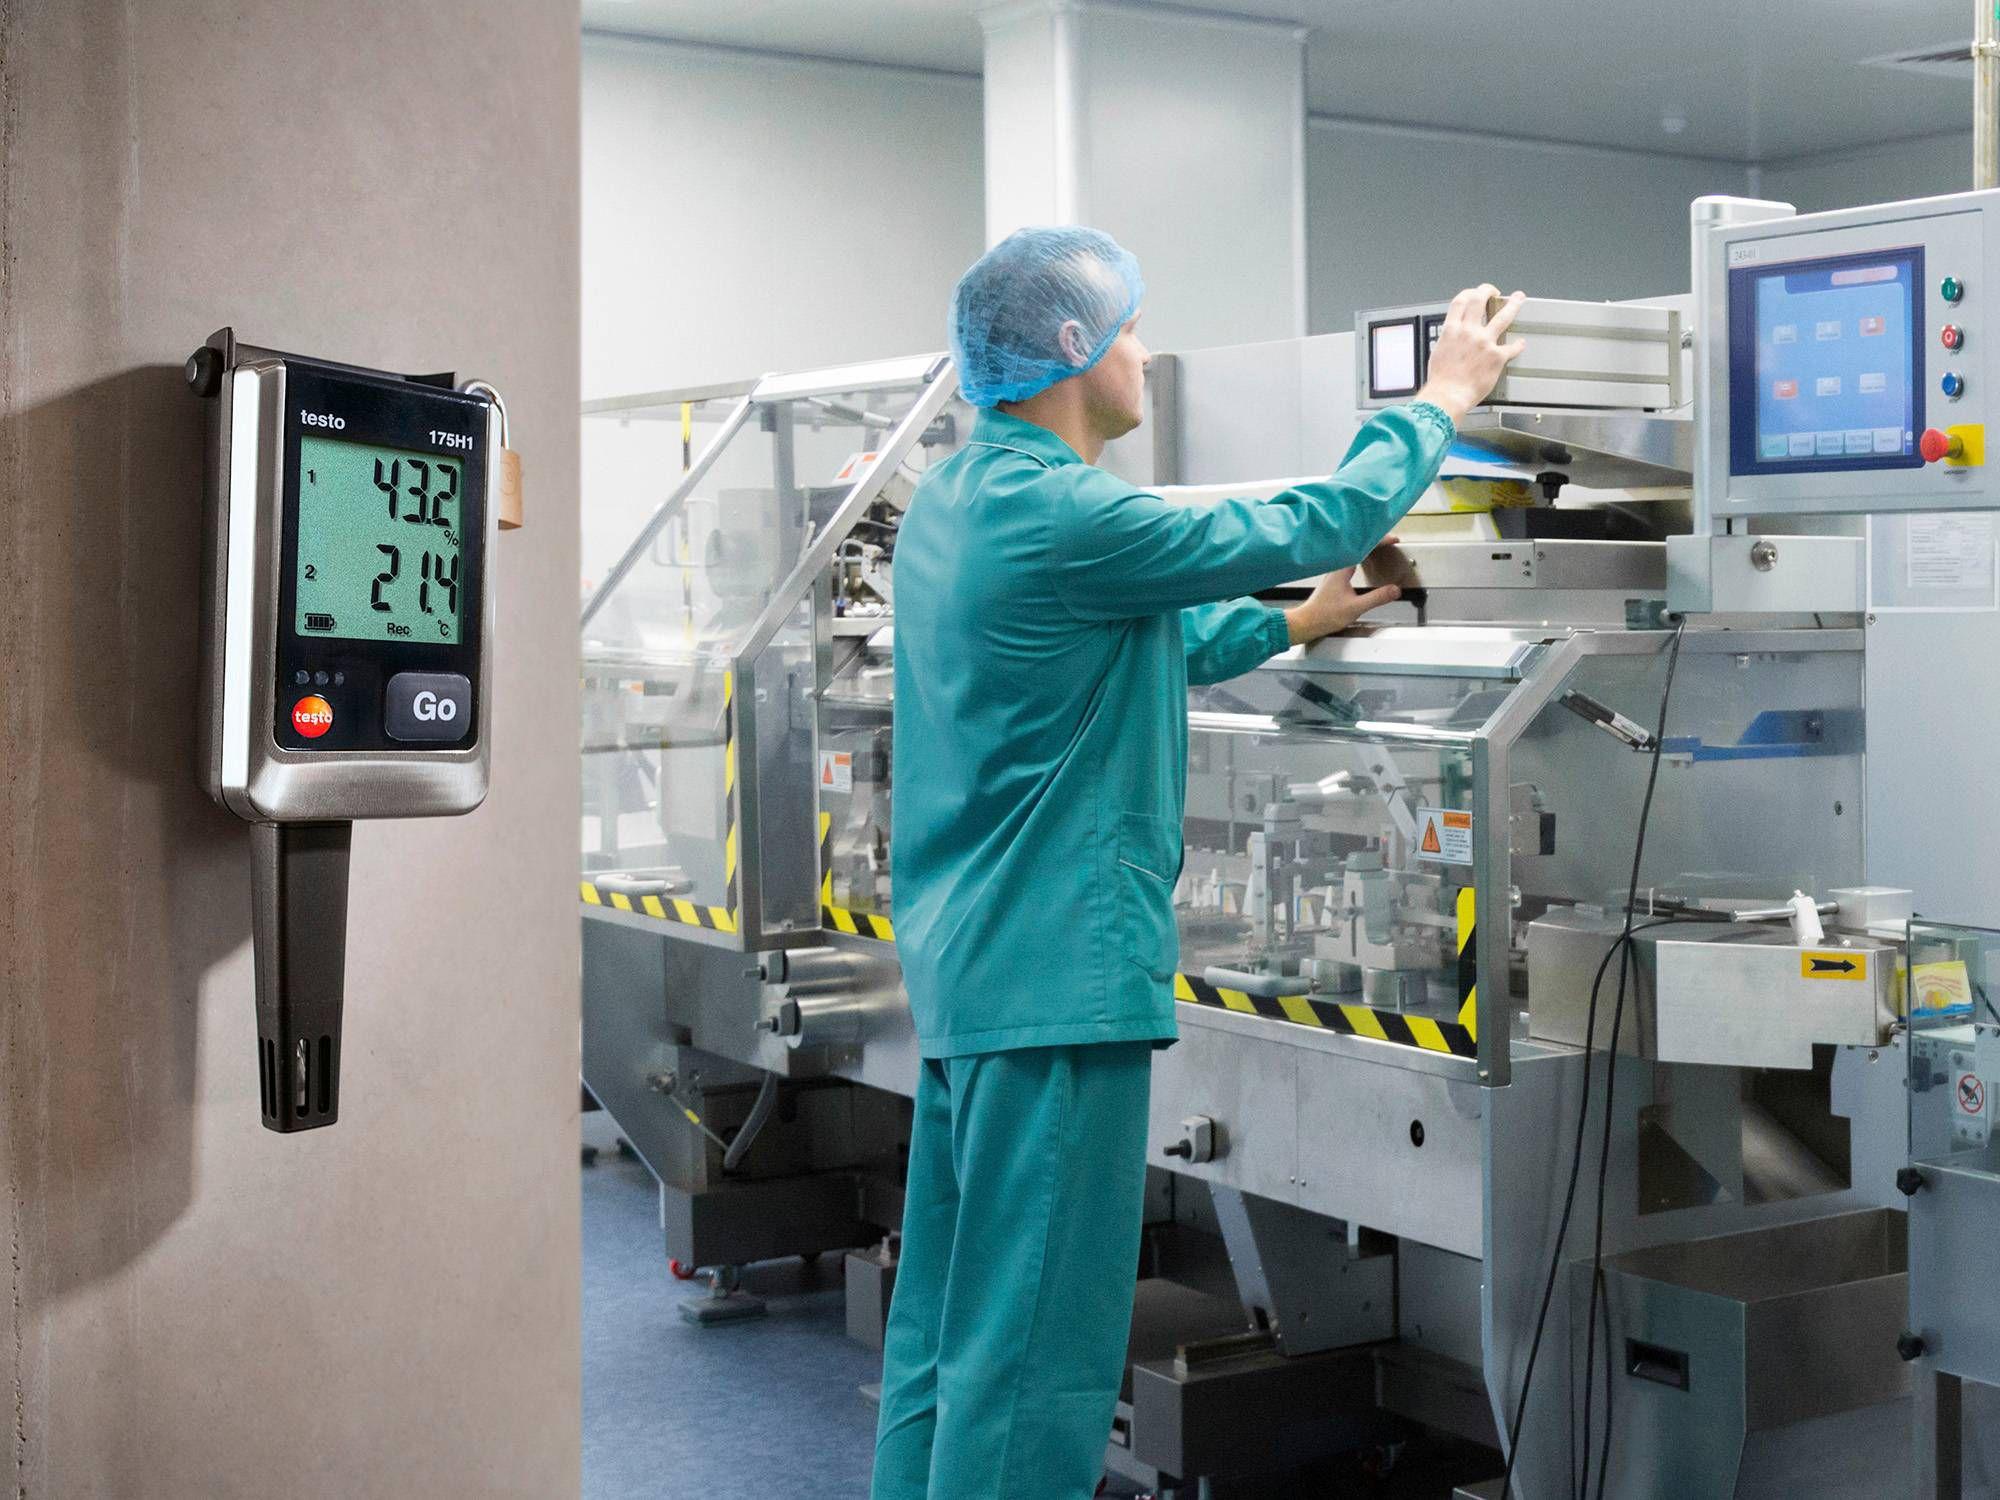 testo 175 H1数据记录仪可用于监测制药企业原料仓库的湿度。